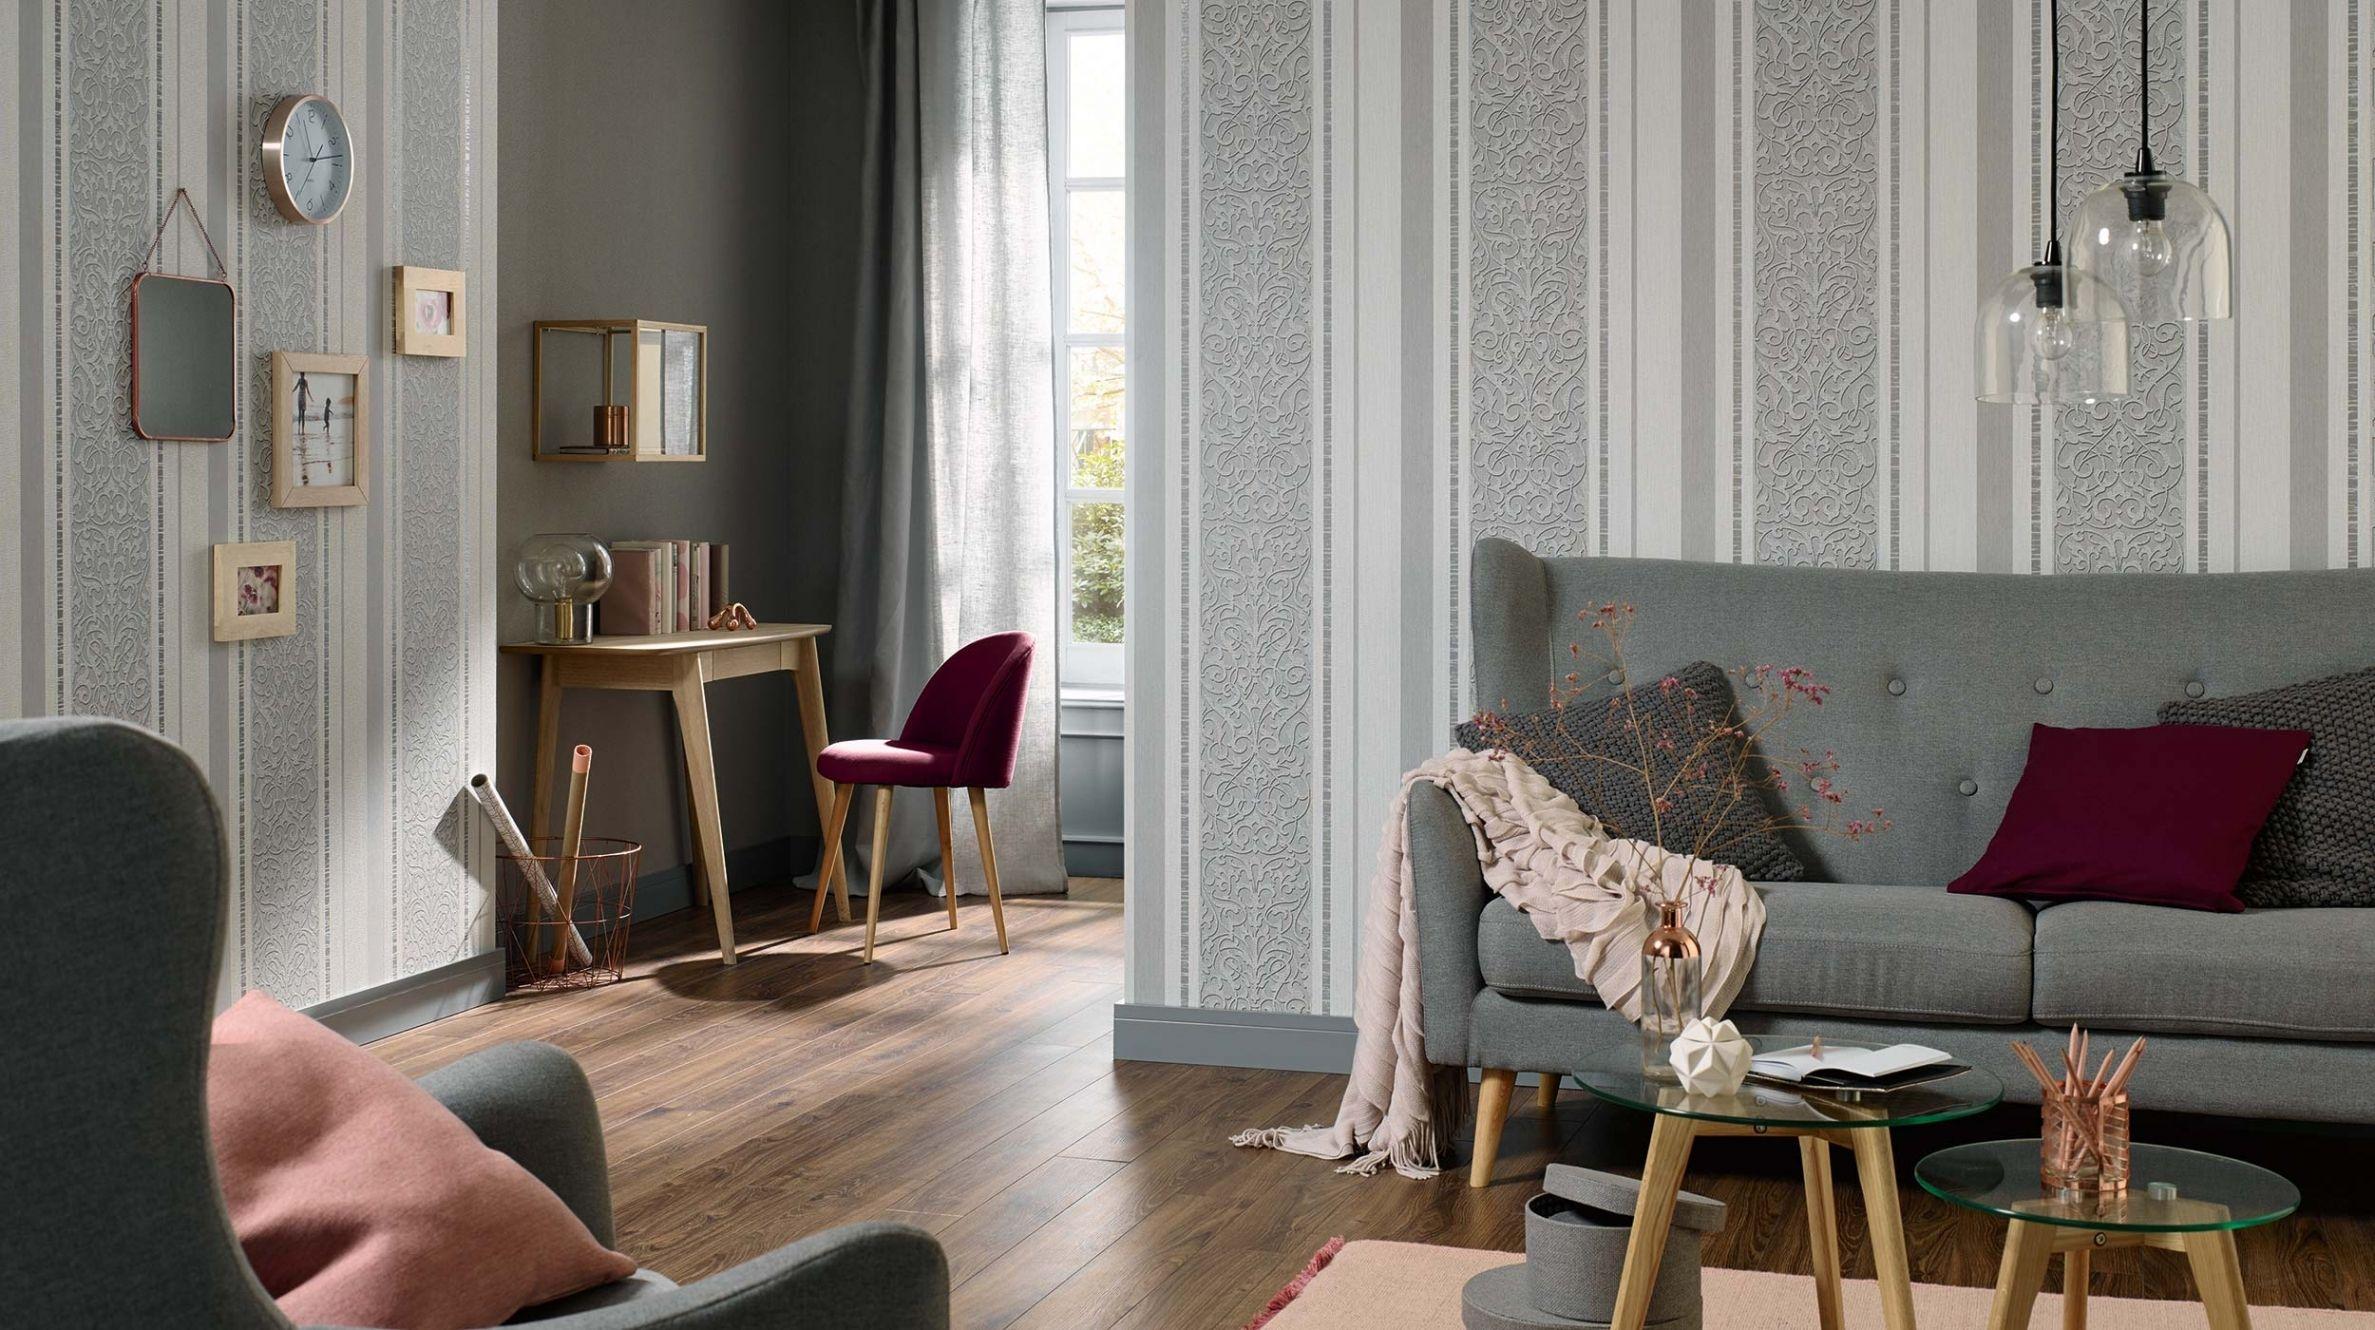 stilvoll wohnzimmer 2018 - Stilvoll Luxus Wohnzimmer Aufbau